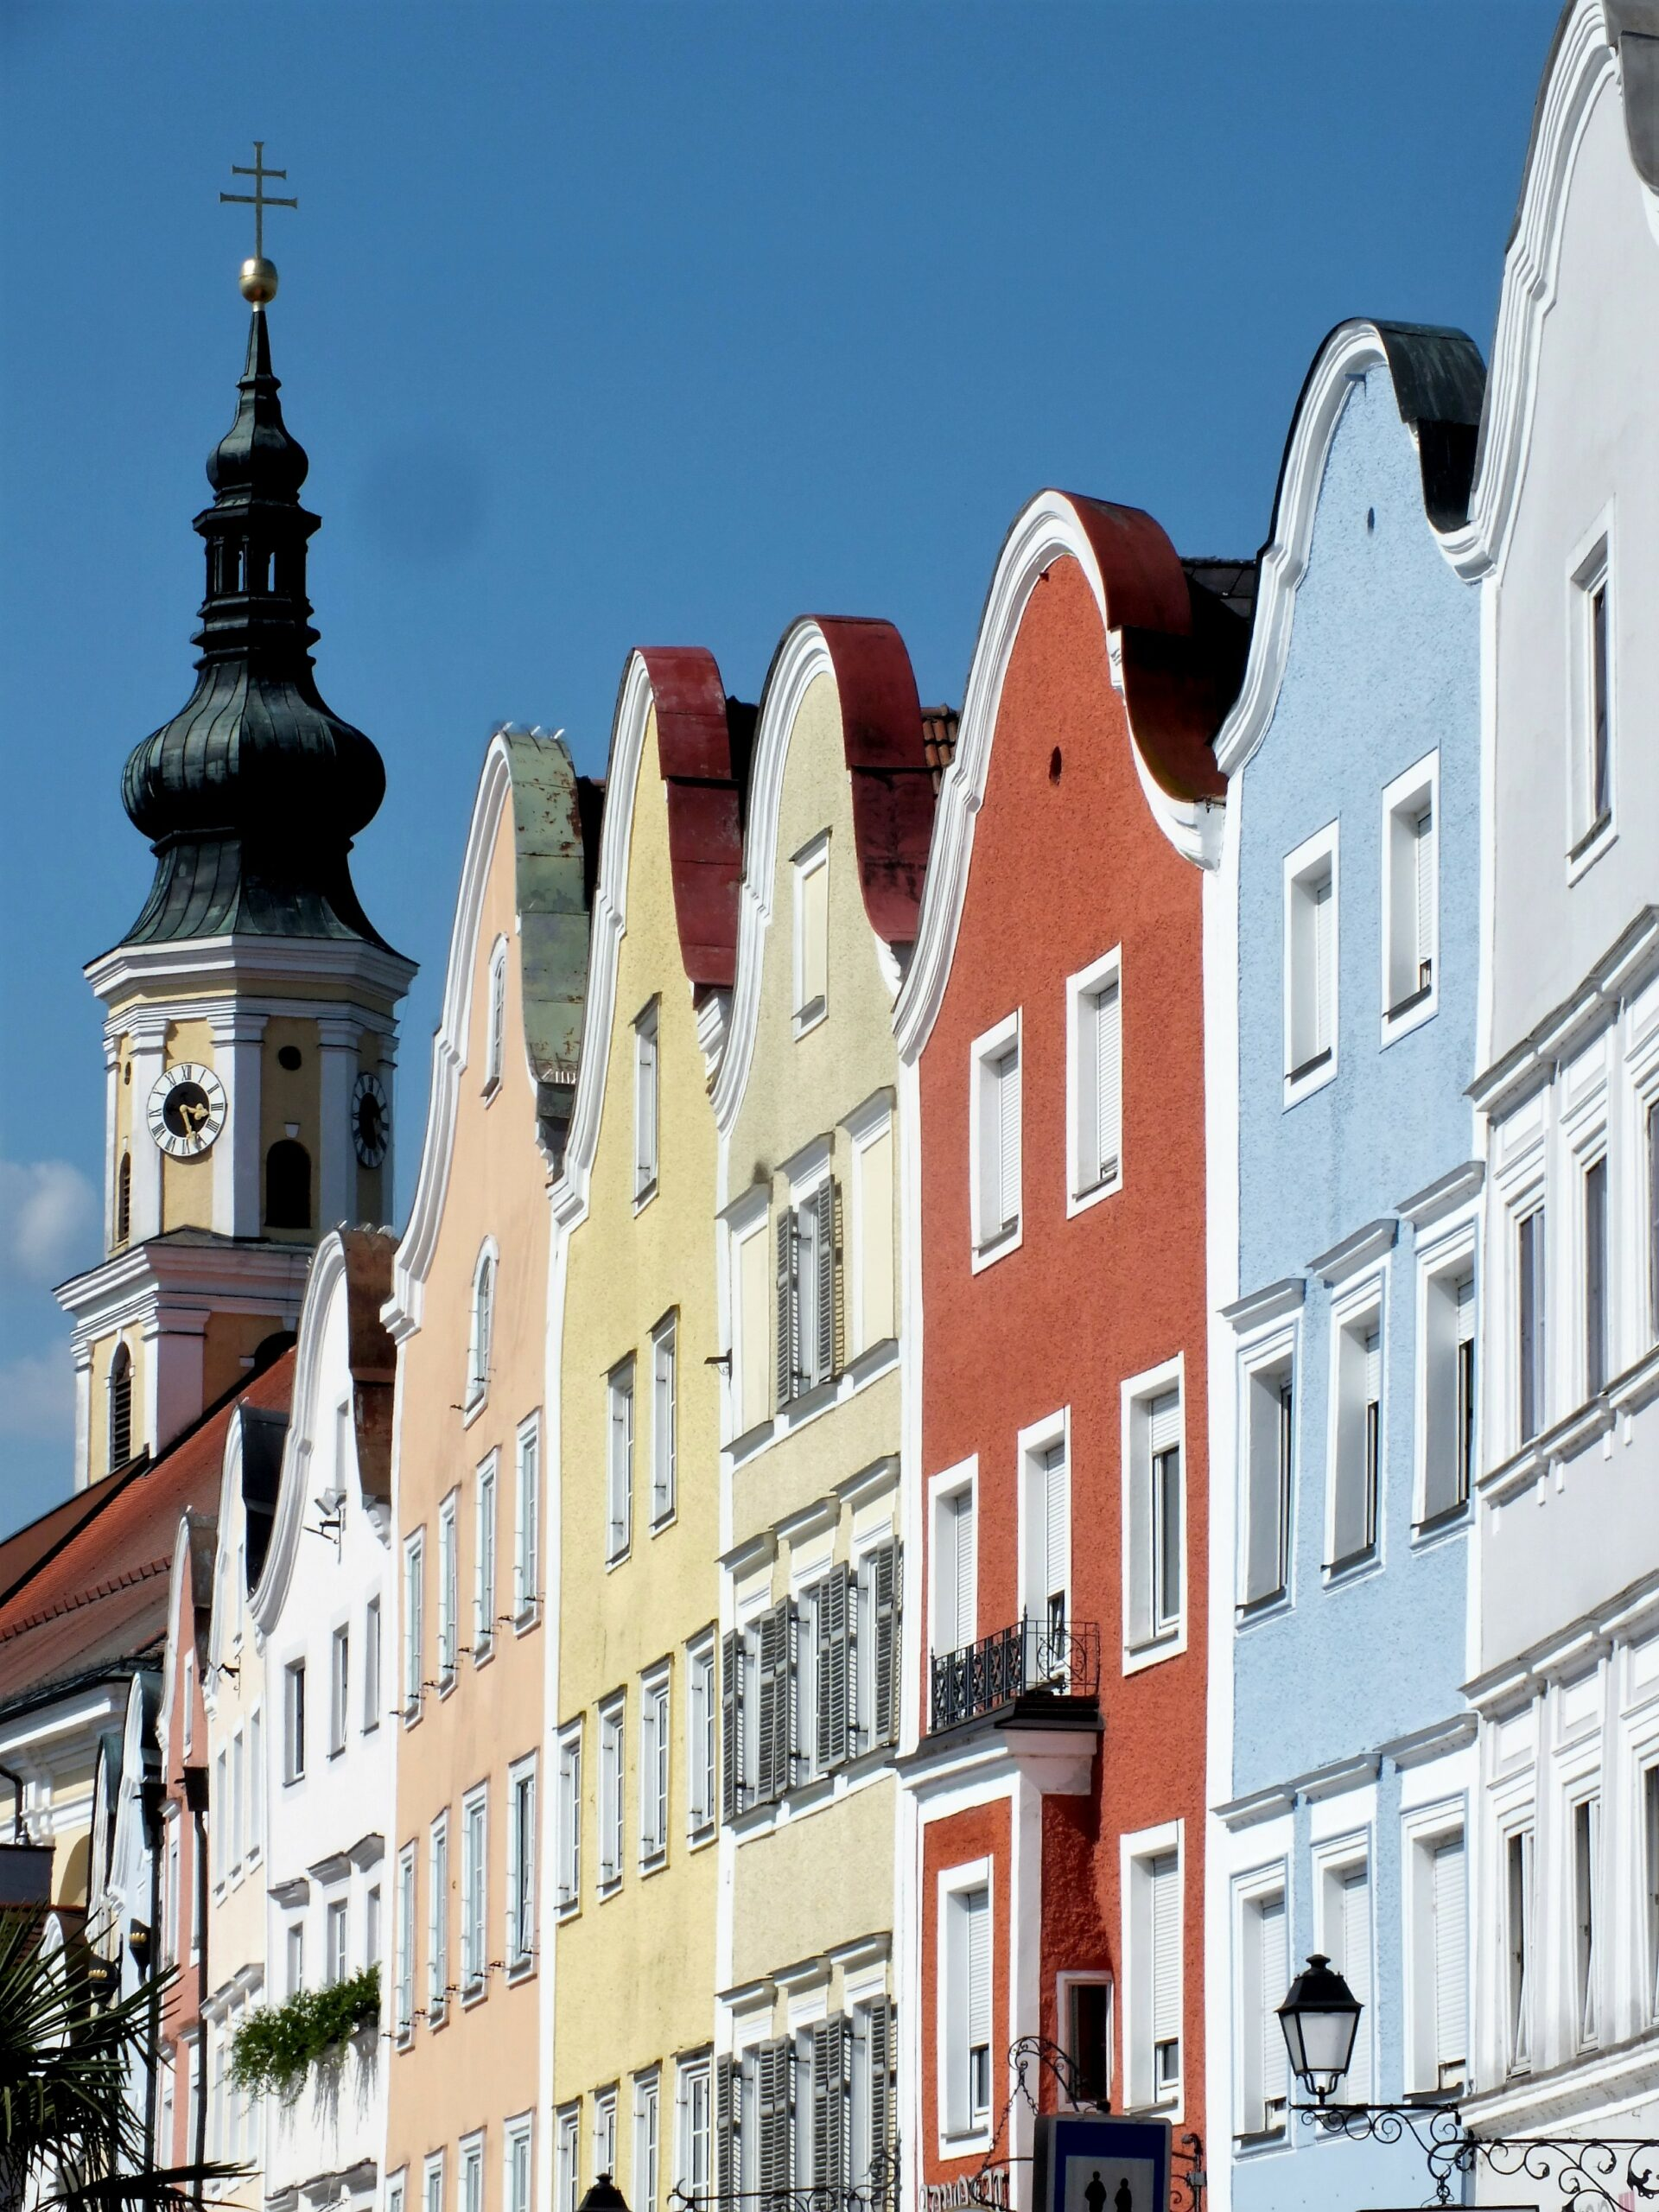 Austria was Europe's best perfomer in tourist arrivals 2020